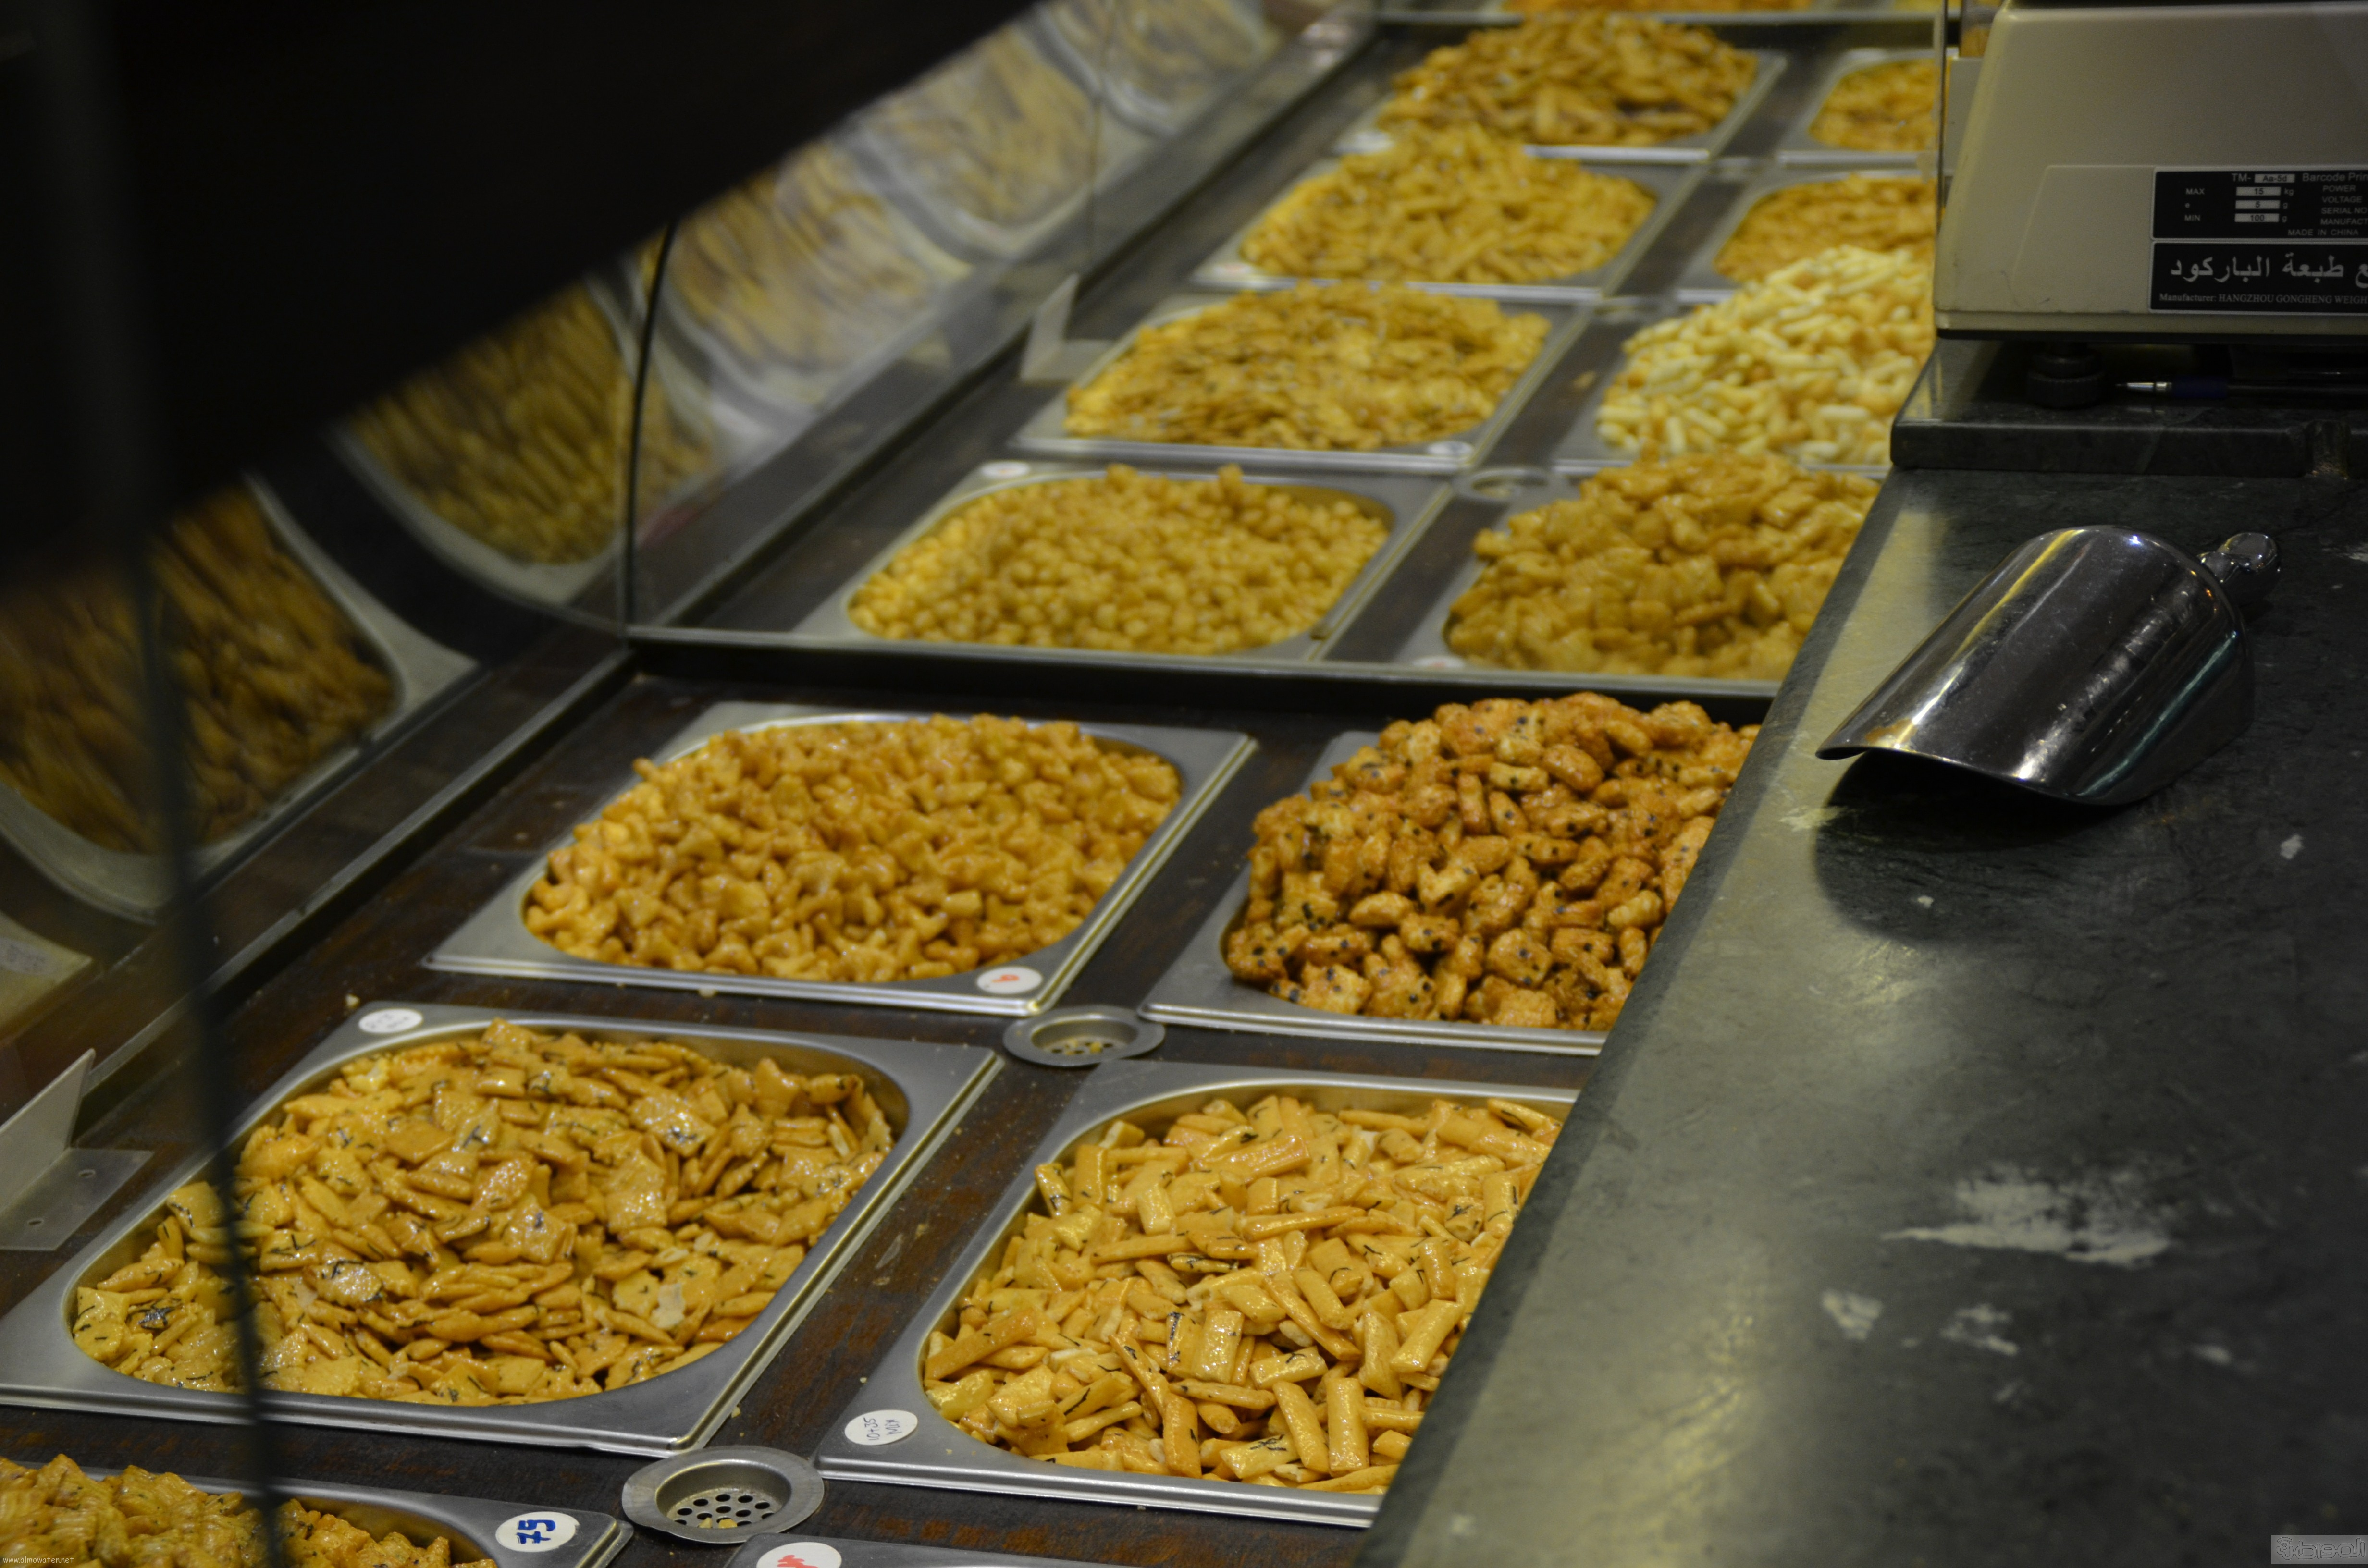 جولة باسواق الحلويات والتمور في جدة قبل العيد (2)